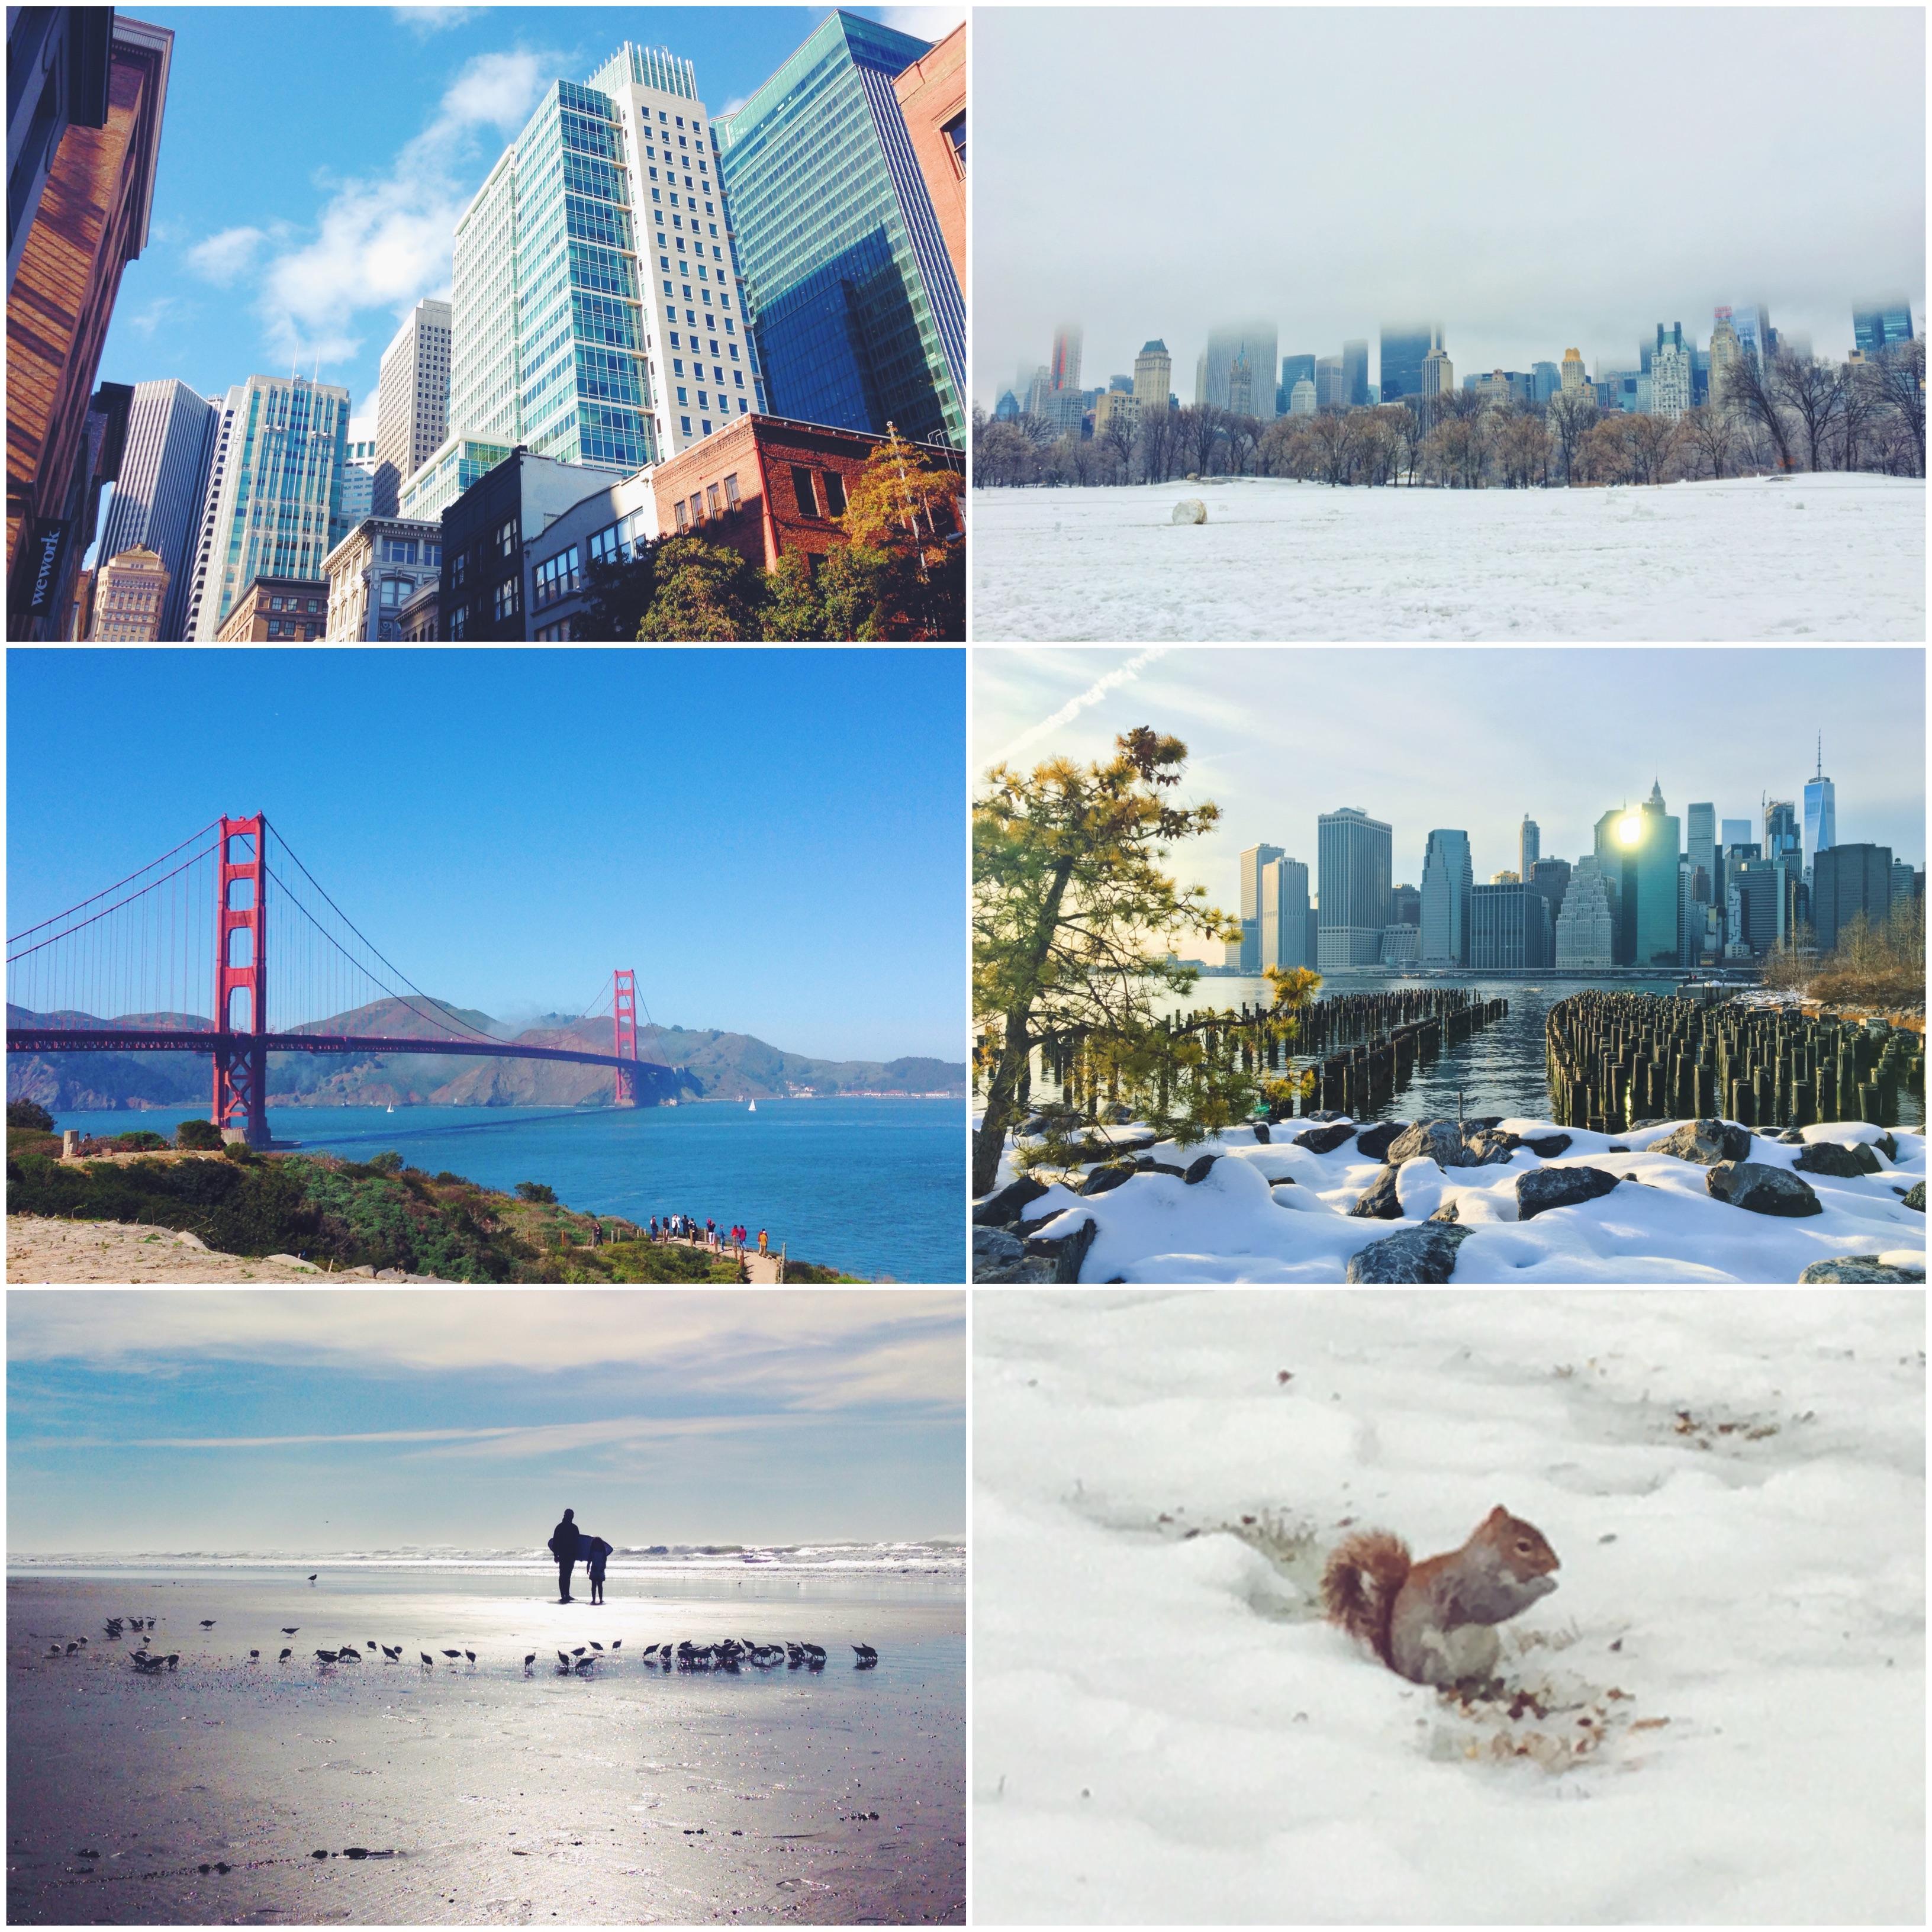 San Francisco ha un clima primaverile tutto l'anno, a New York fa freddissimo o caldissimo.